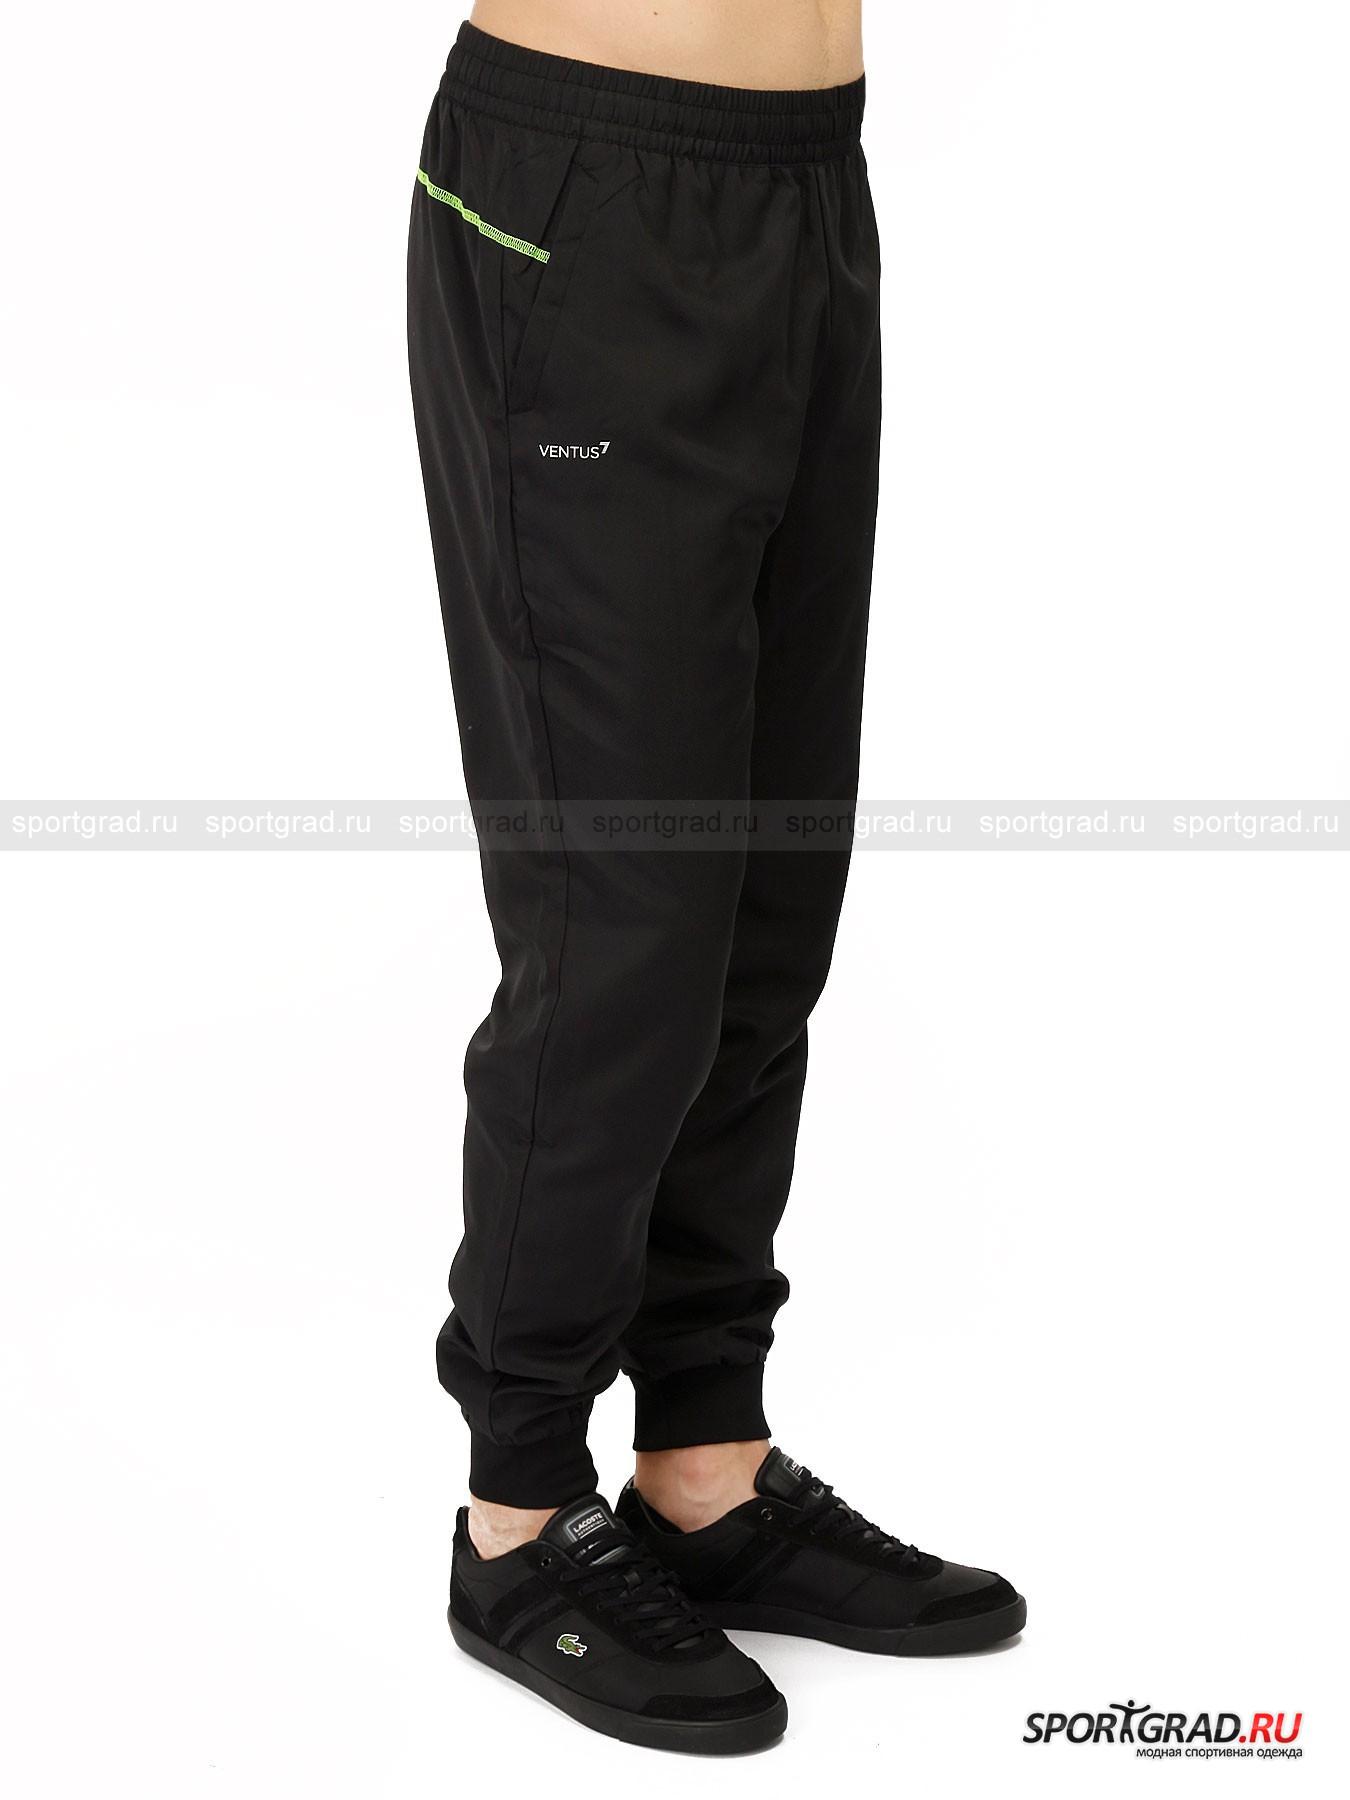 Мужской спортивный костюм EA7 EMPORIO ARMANI Ventus7 от Спортград